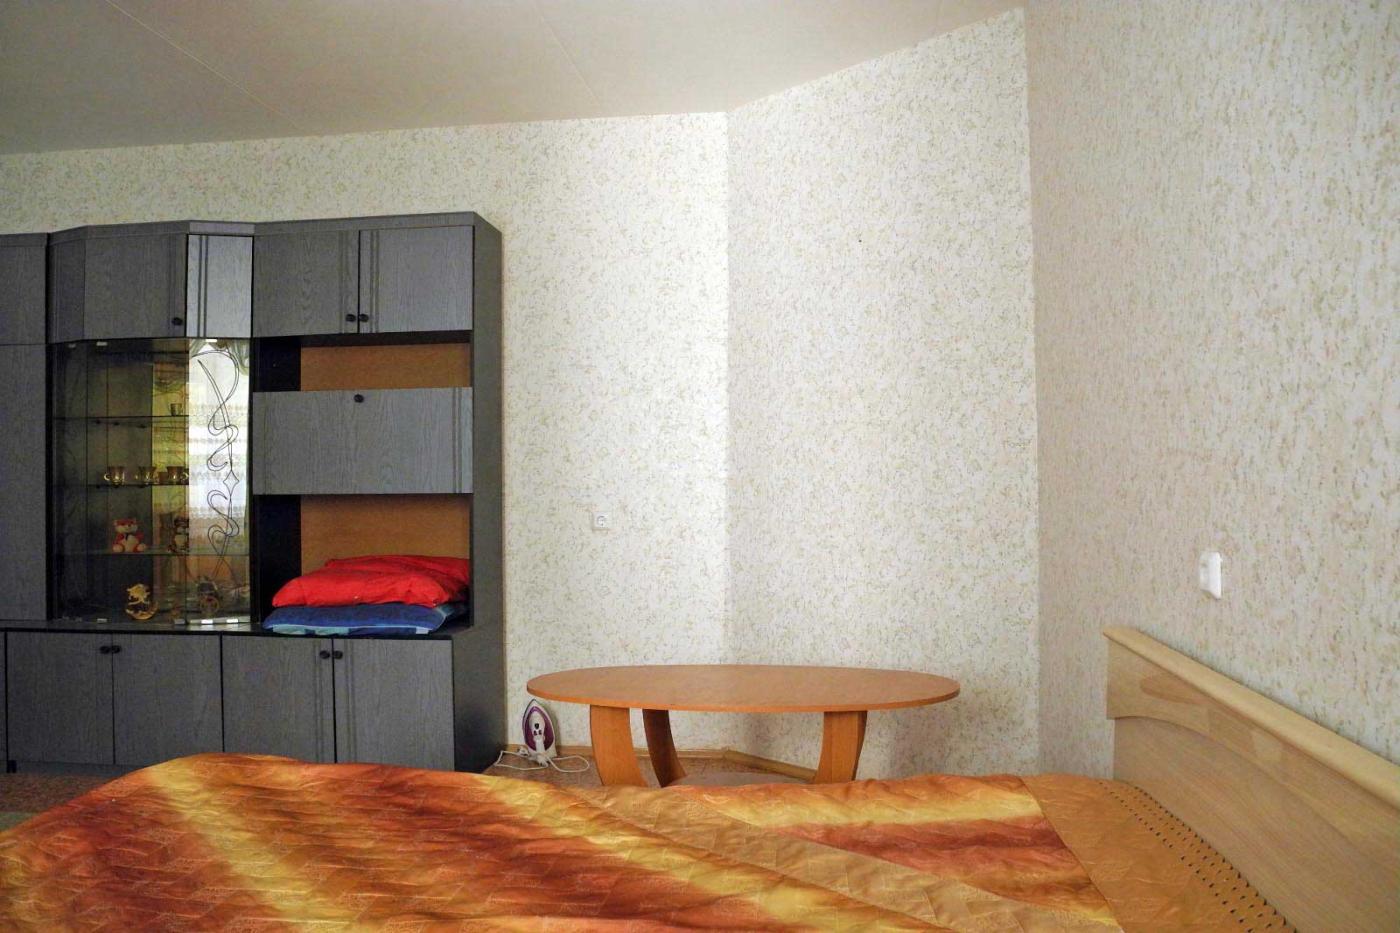 1-комнатная квартира посуточно (вариант № 3873), ул. Никитинская улица, фото № 2